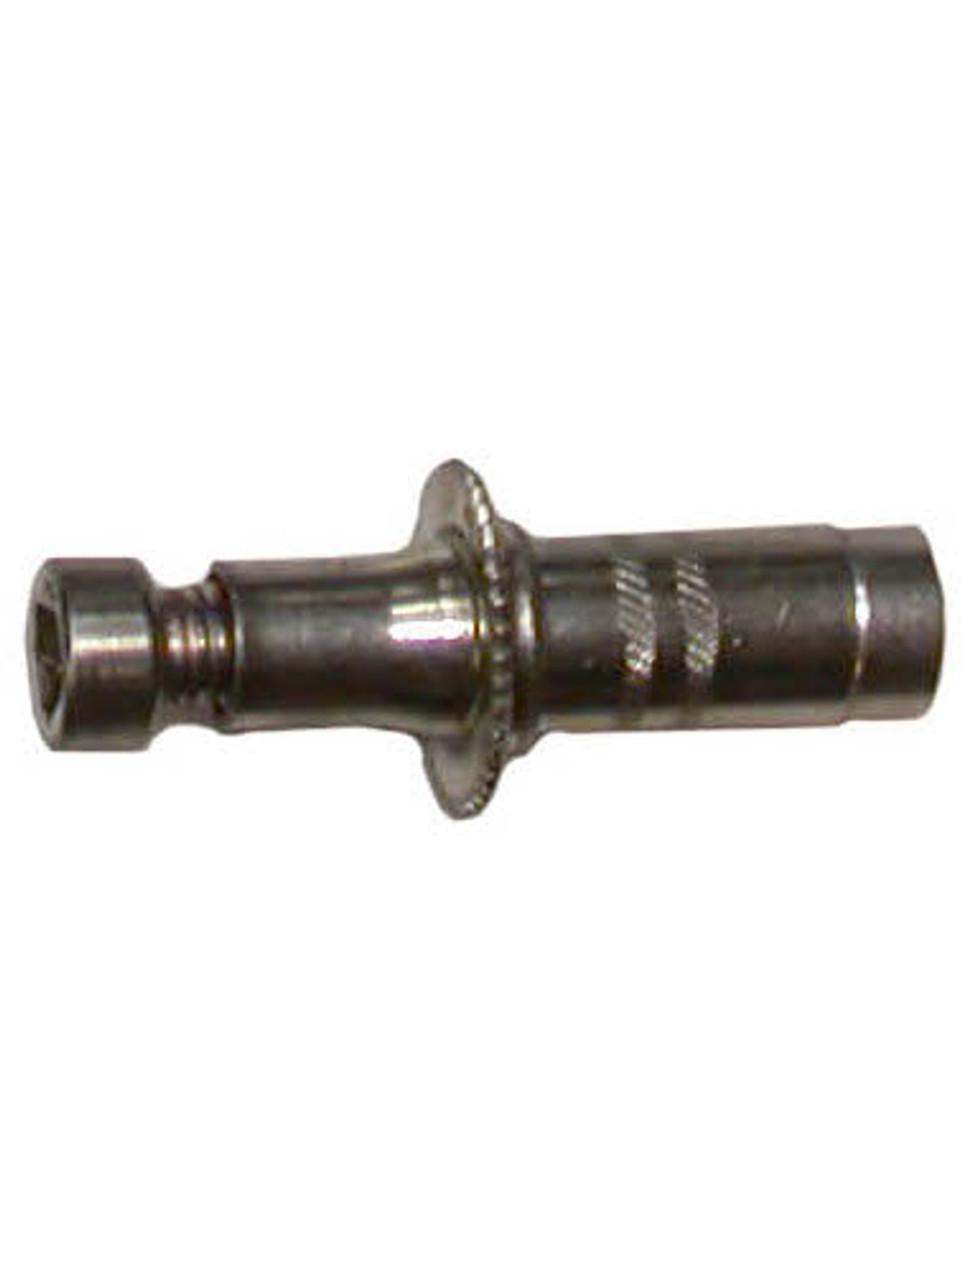 48-19 --- Adjuster for Dexter Electric Brakes - Left Hand